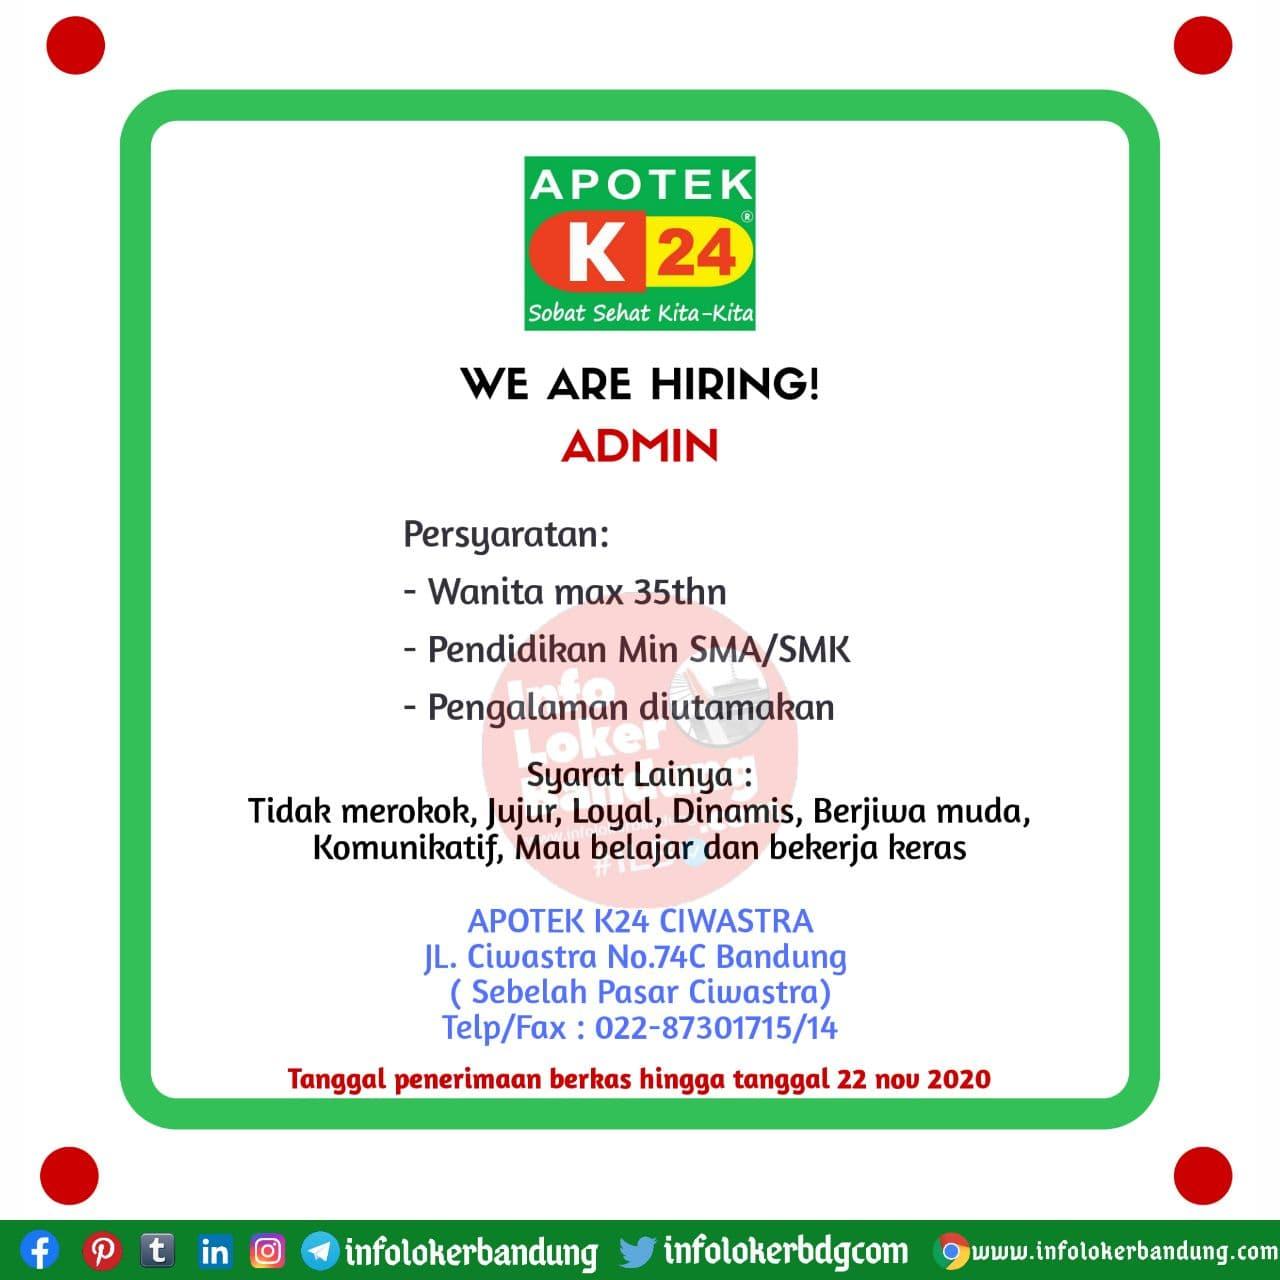 Lowongan Kerja Admin Apotek K24 Bandung November 2020